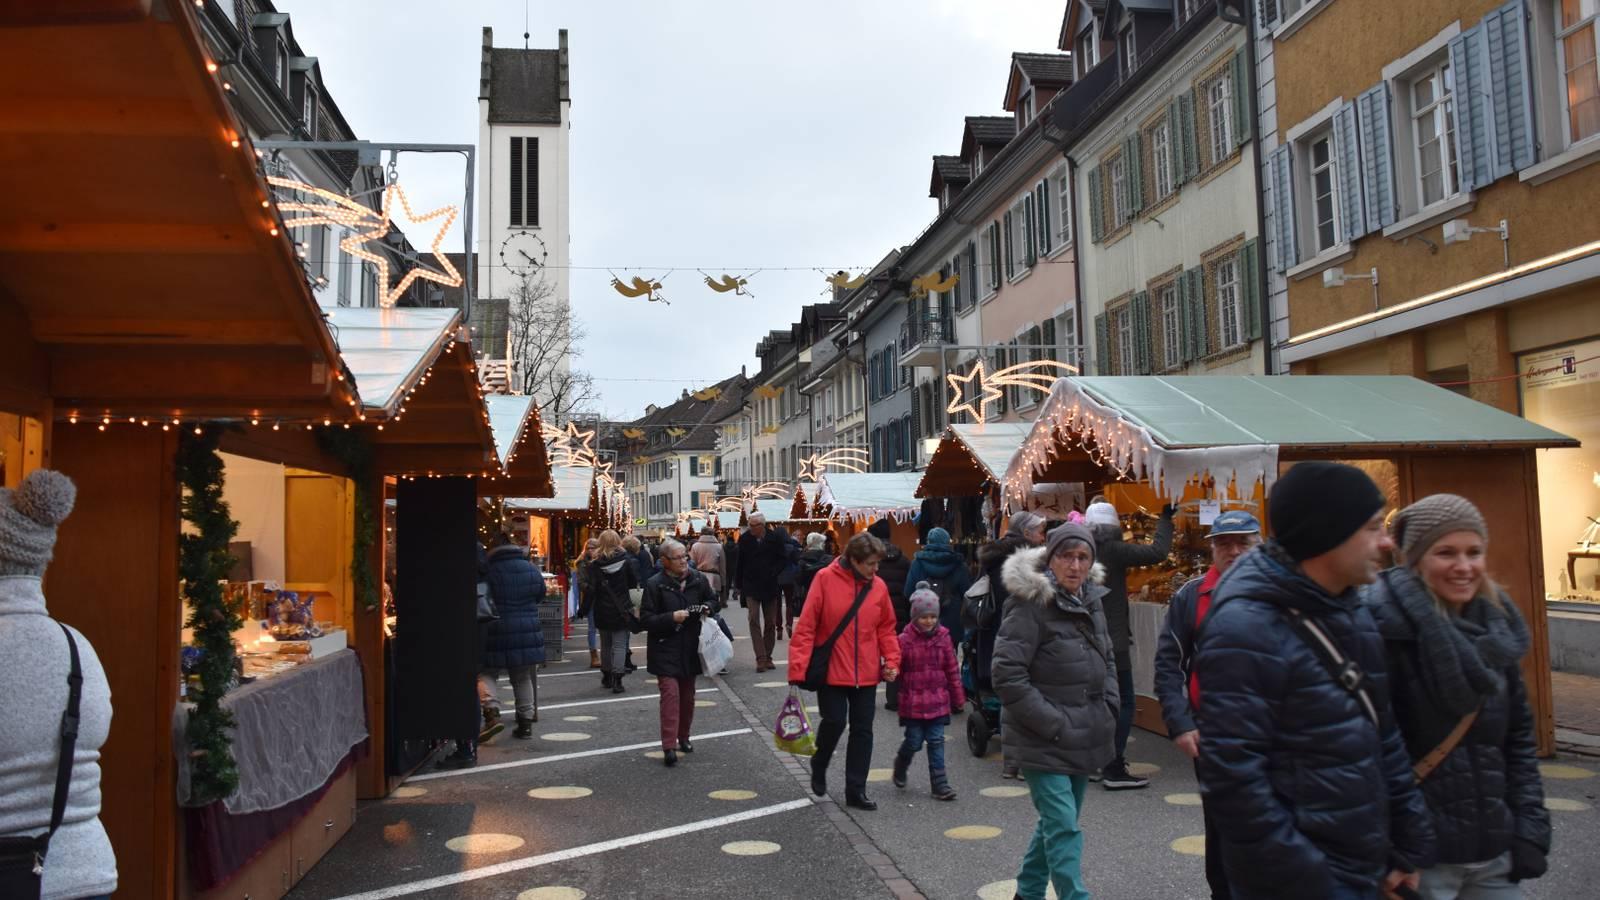 © weihnachtsmarkt-frauenfeld.ch